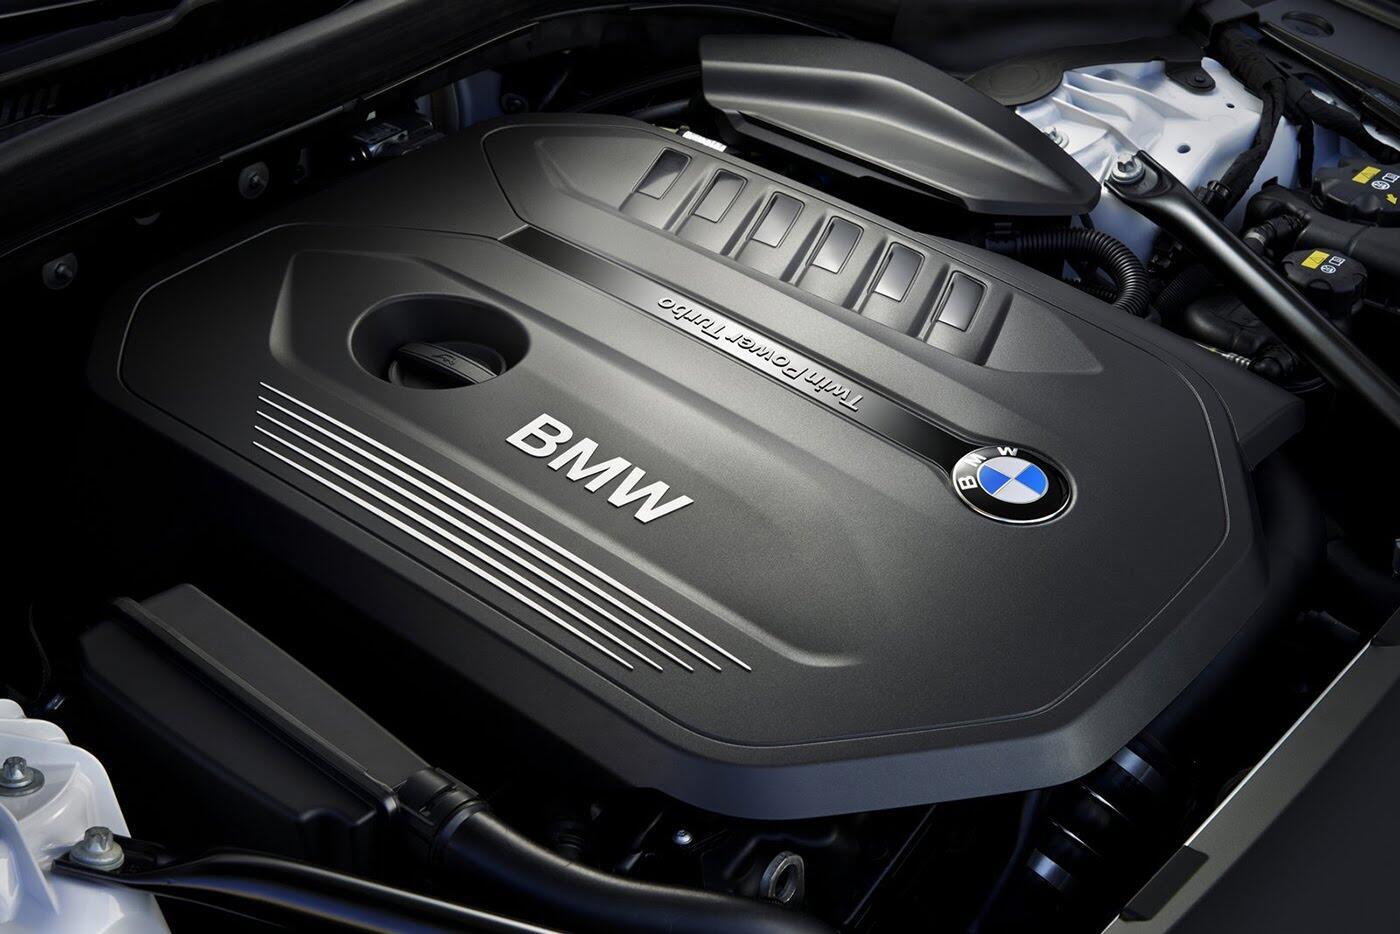 Xem thêm ảnh BMW 6-Series Gran Turismo 2018 - Hình 29